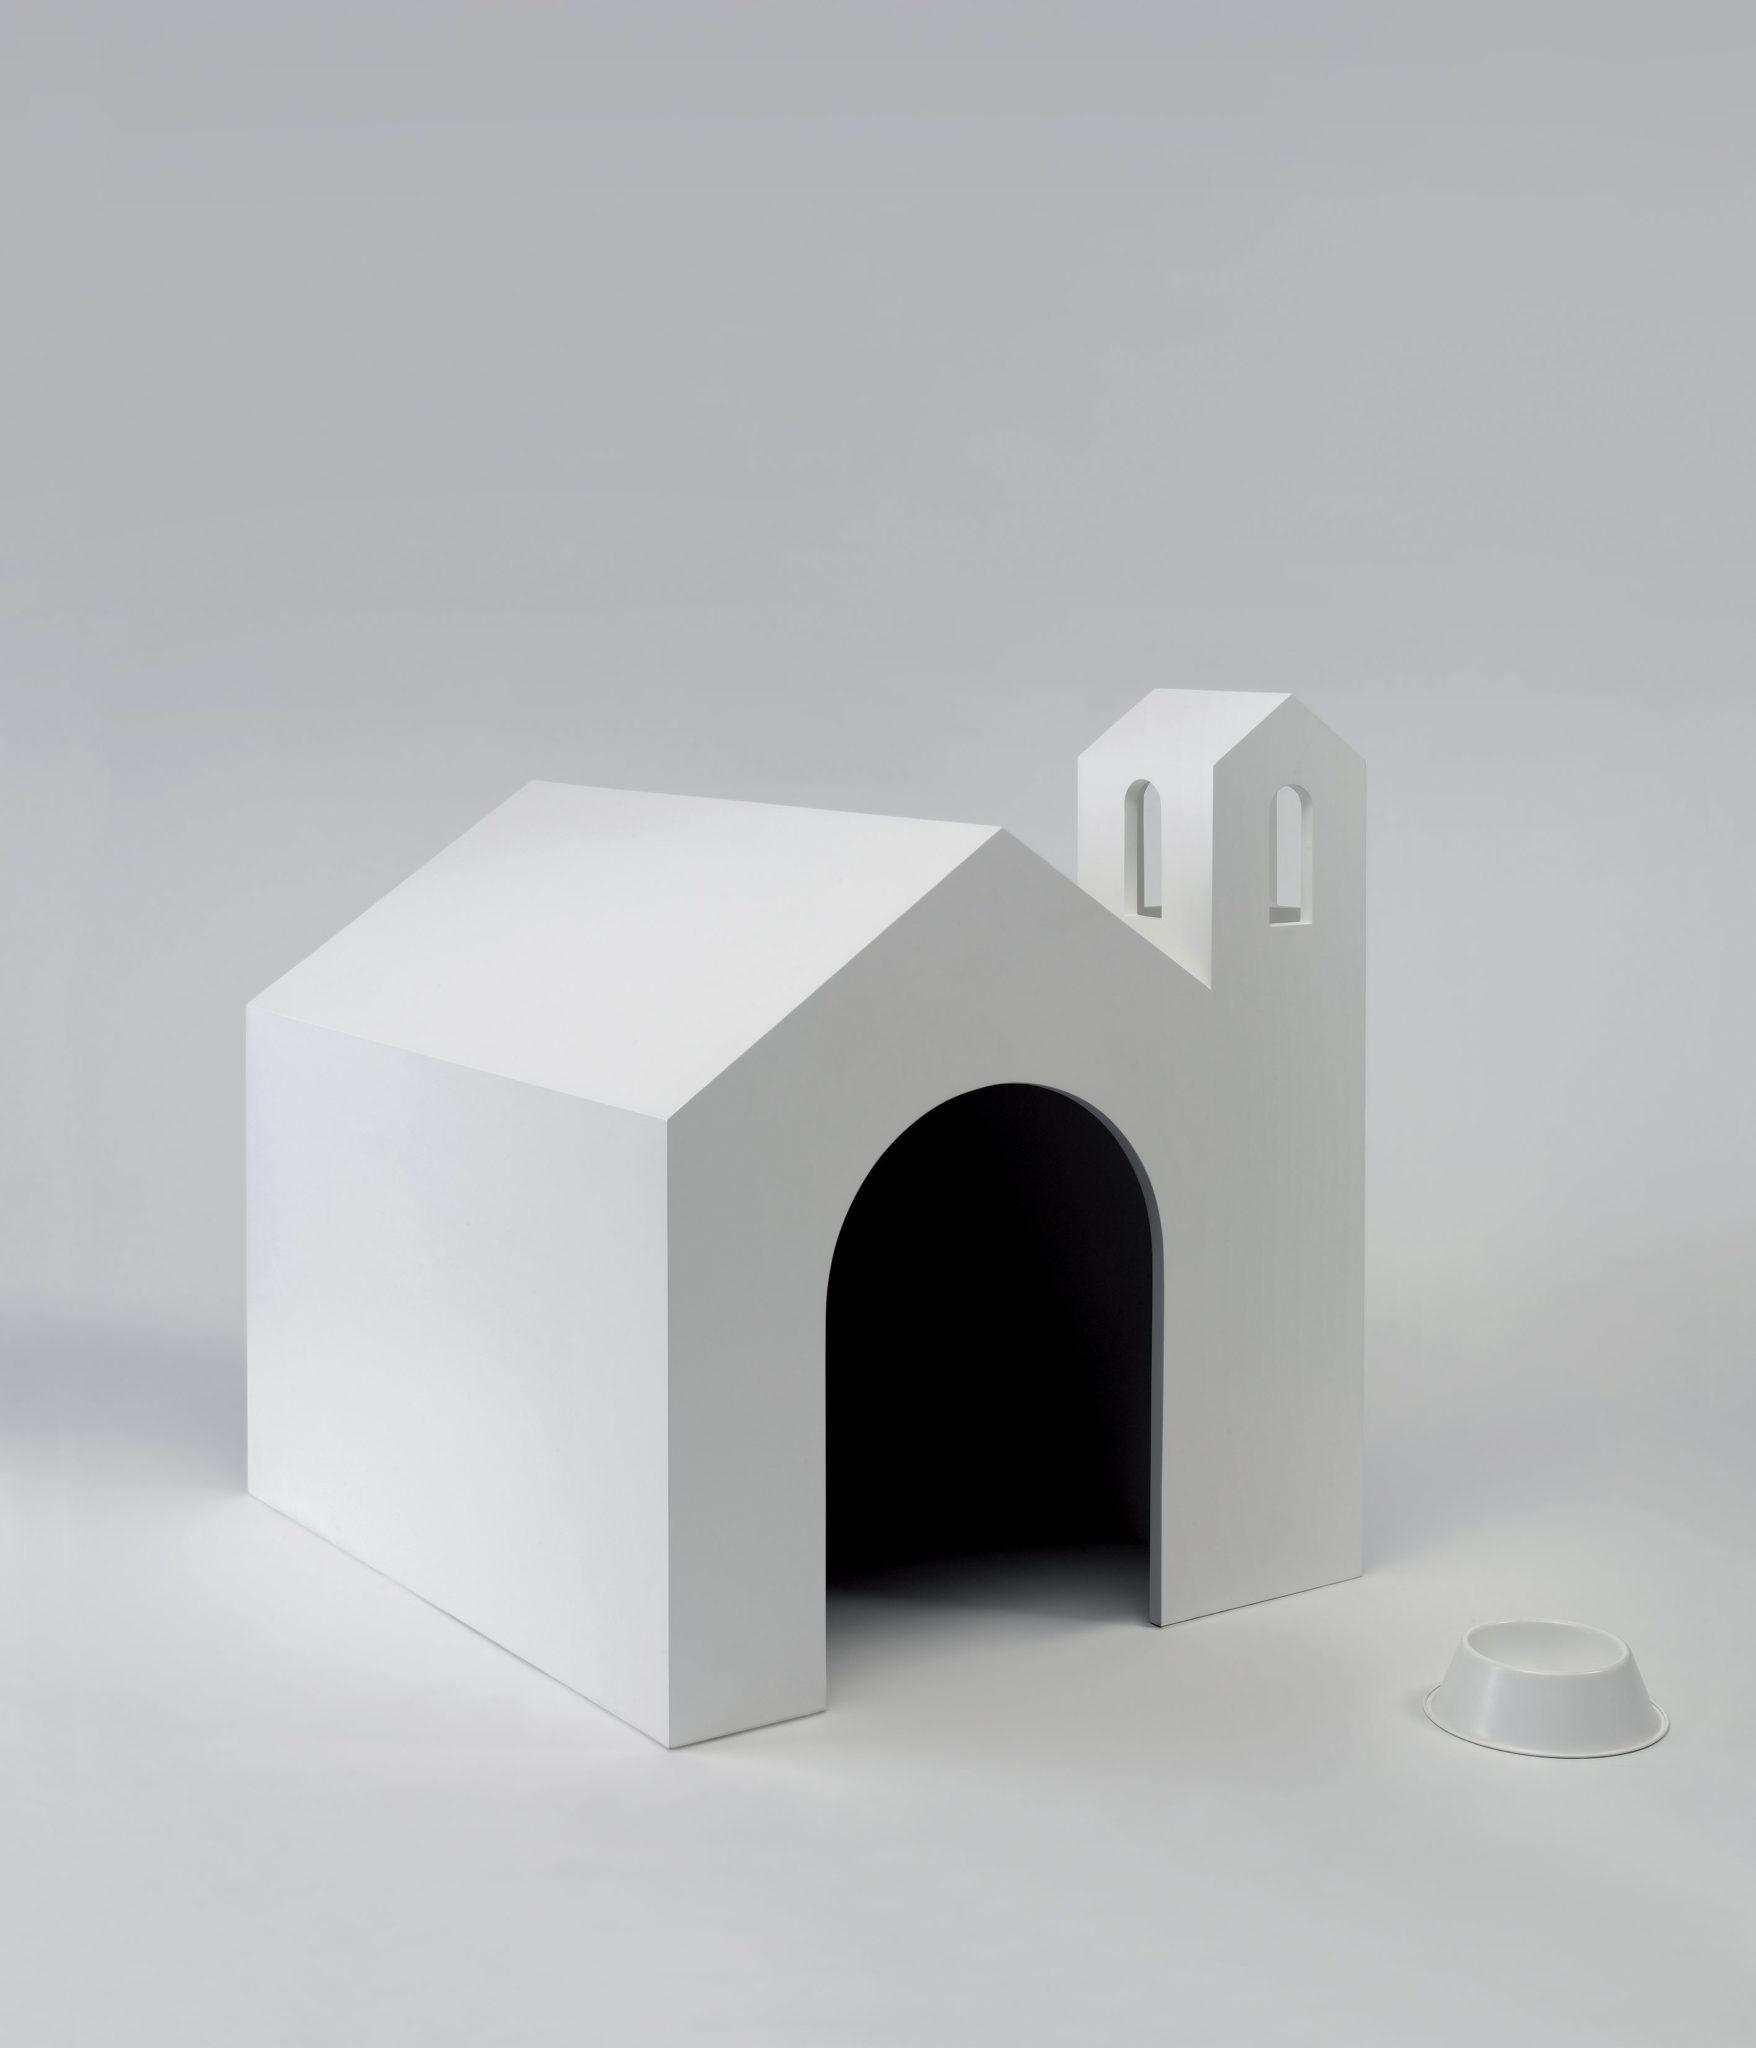 Pieghe e polvere: Gino Sabatini Odoardi in mostra al PAN